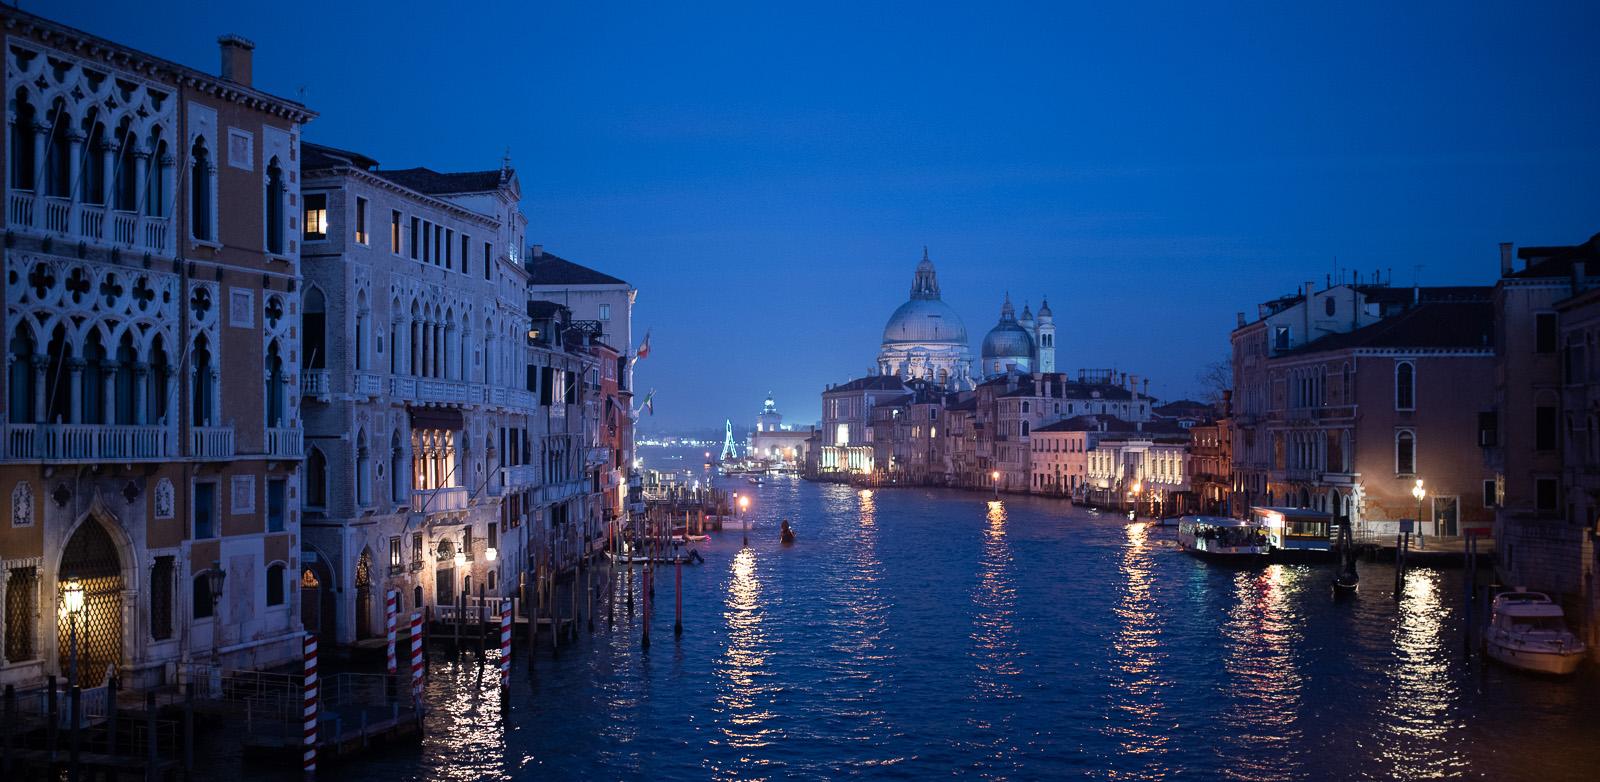 Venise - Grand Canal de nuit